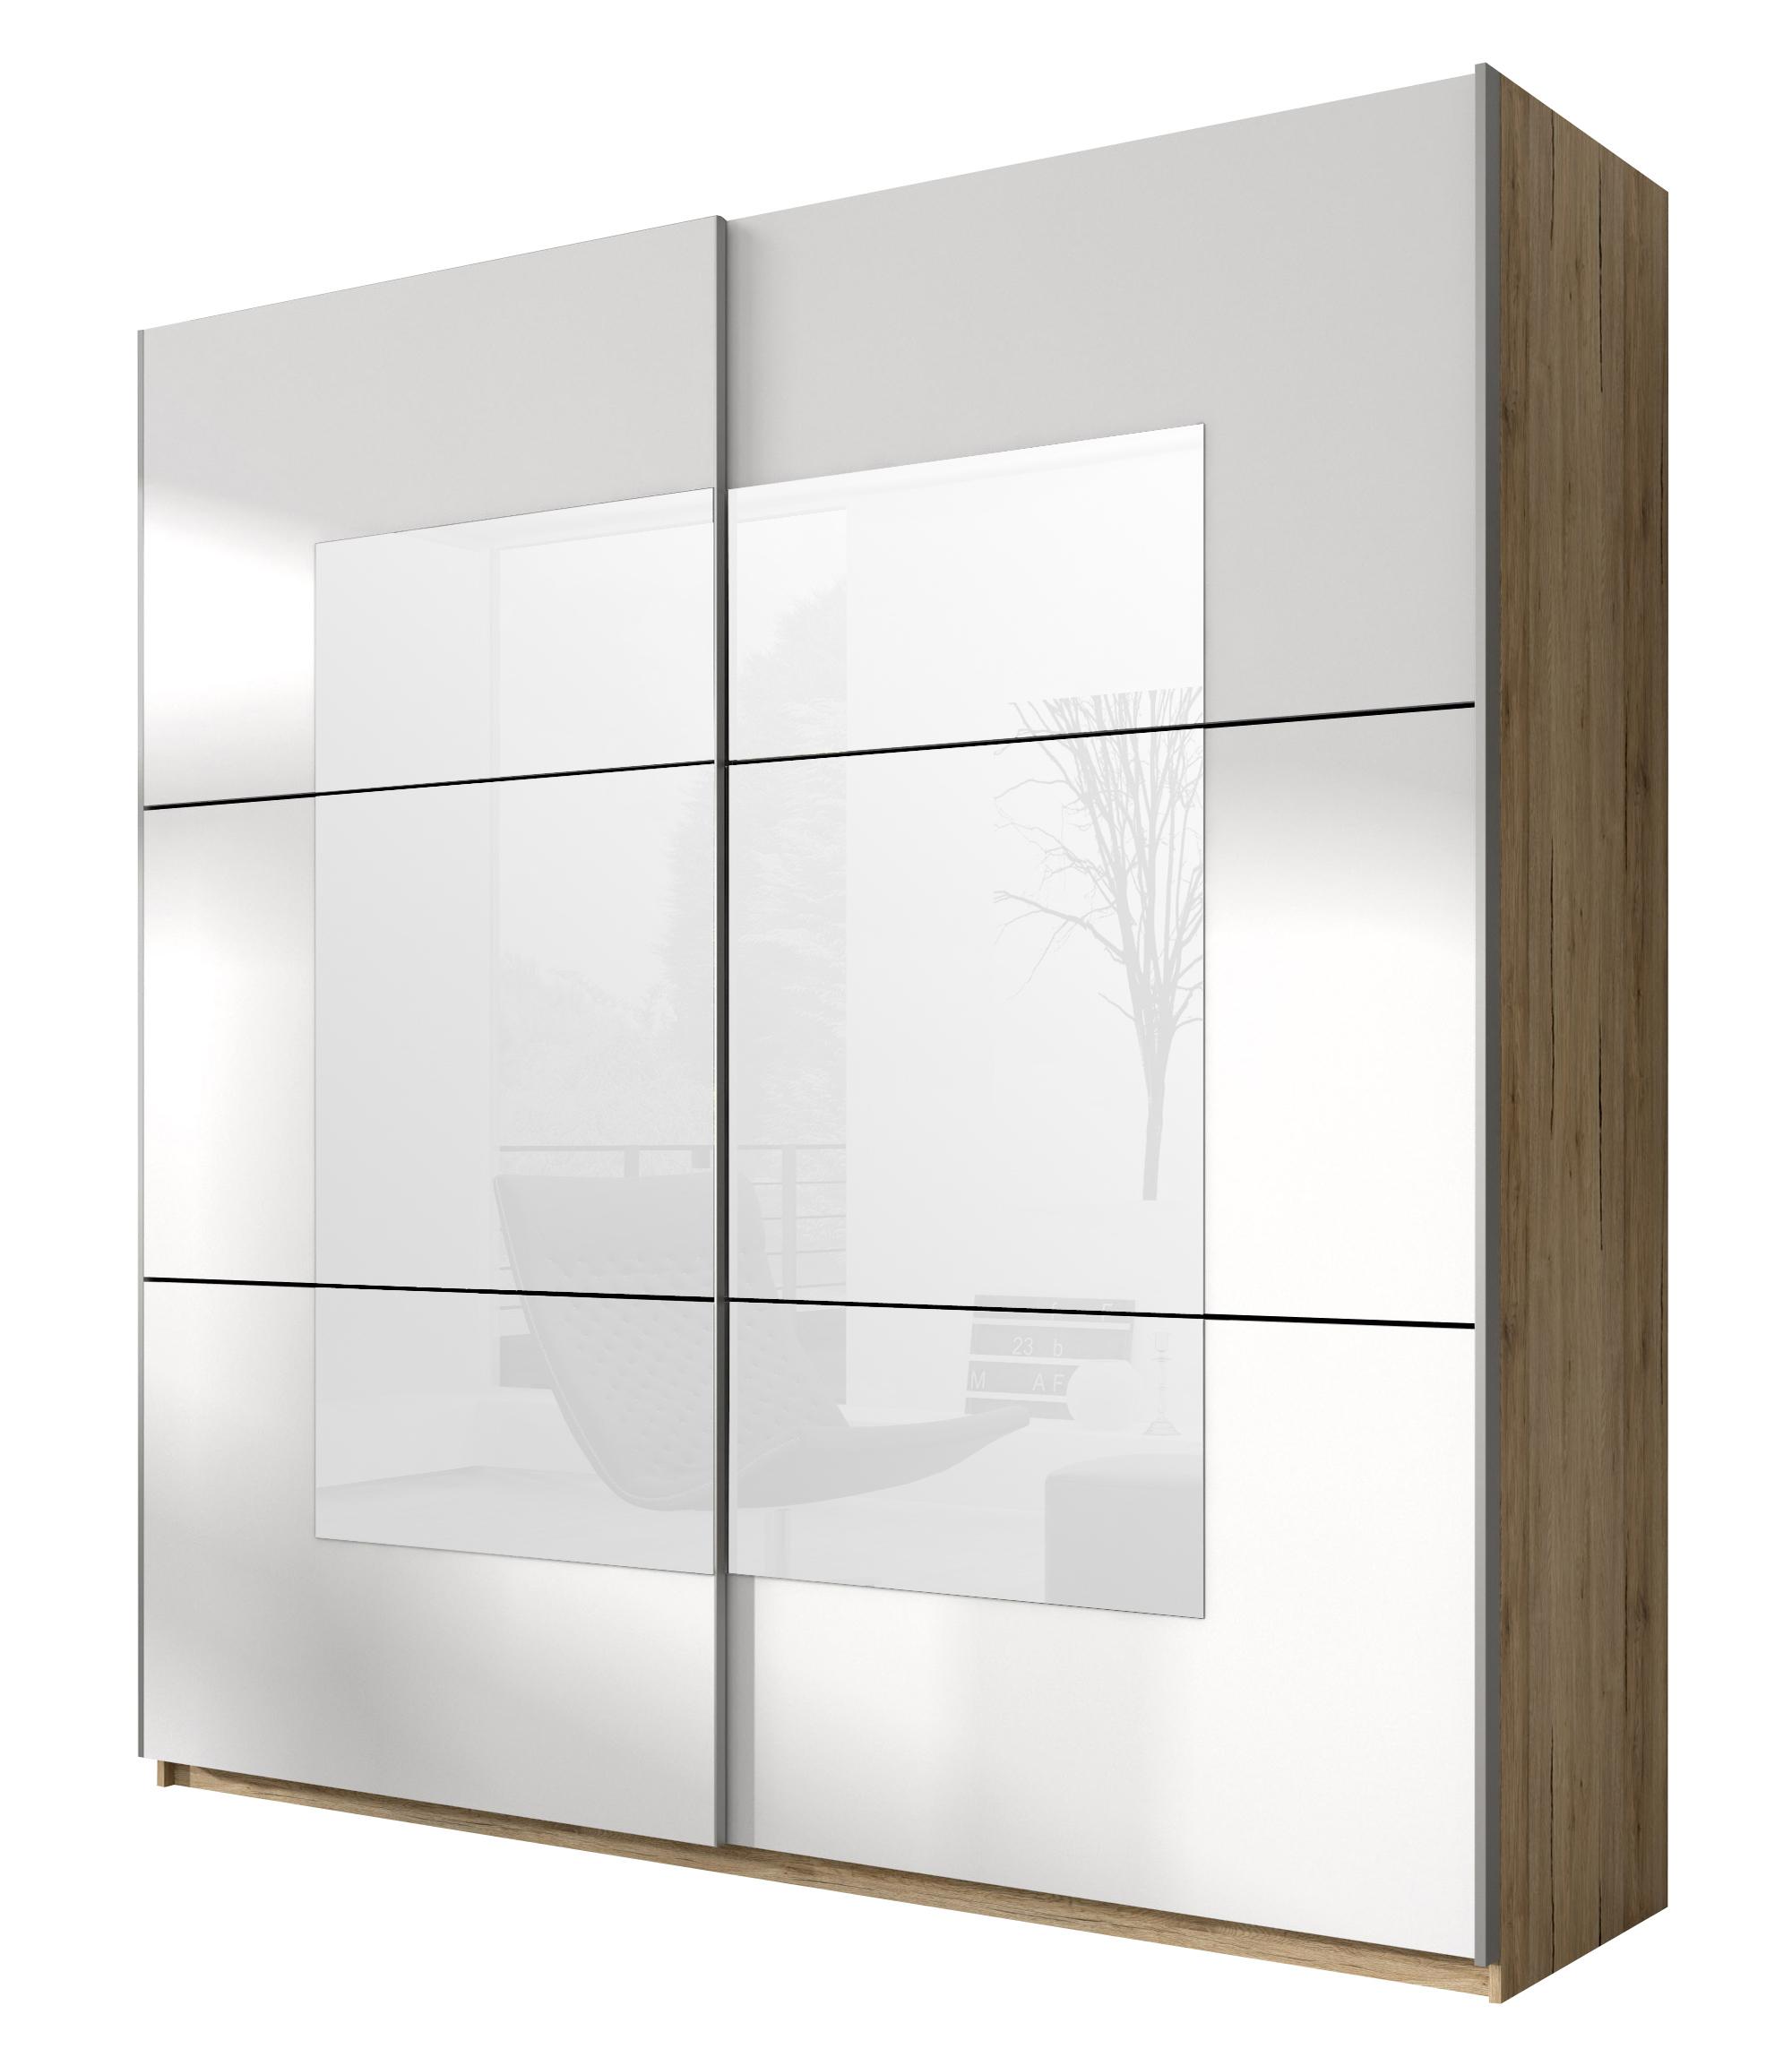 Šatní skříň - Benson - Typ 57 (san remo světlý + bílá + zrcadlo)